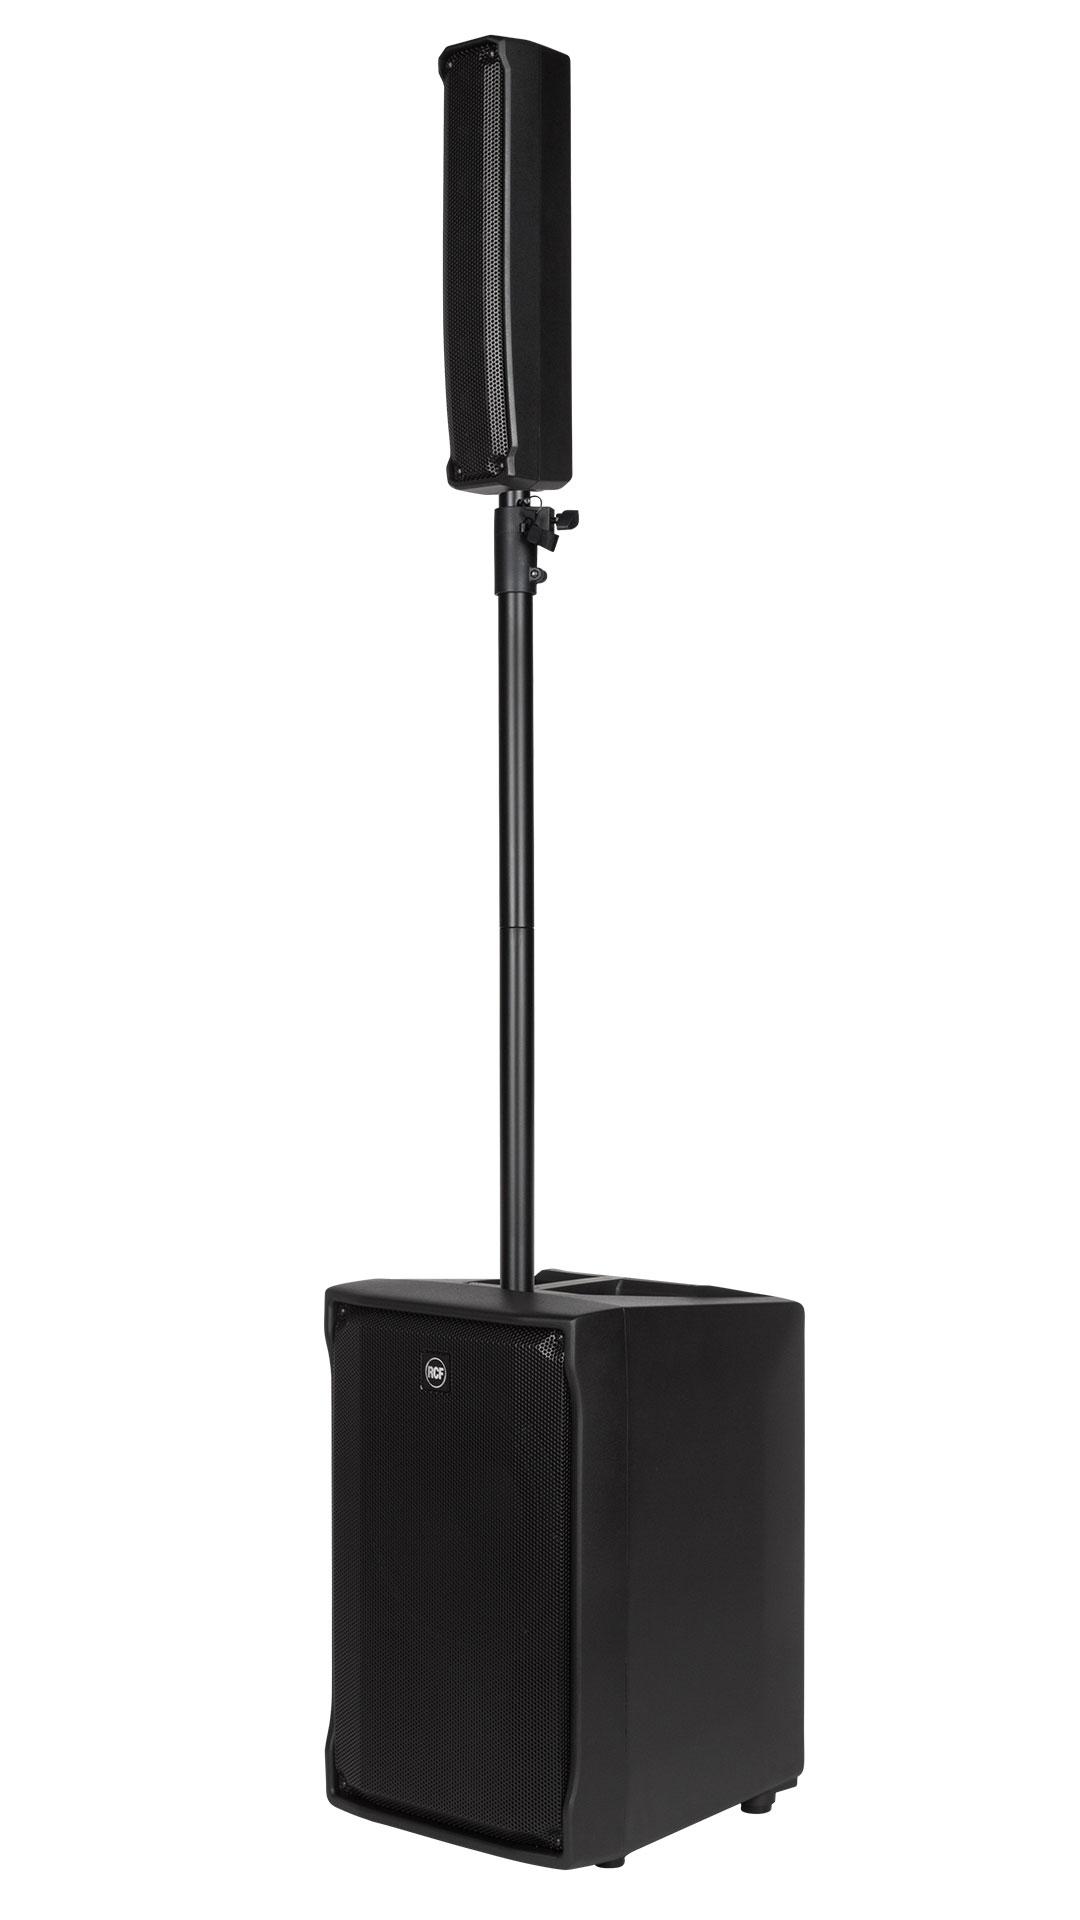 RCF EVOX Jmix 8 højttaler system med mixer